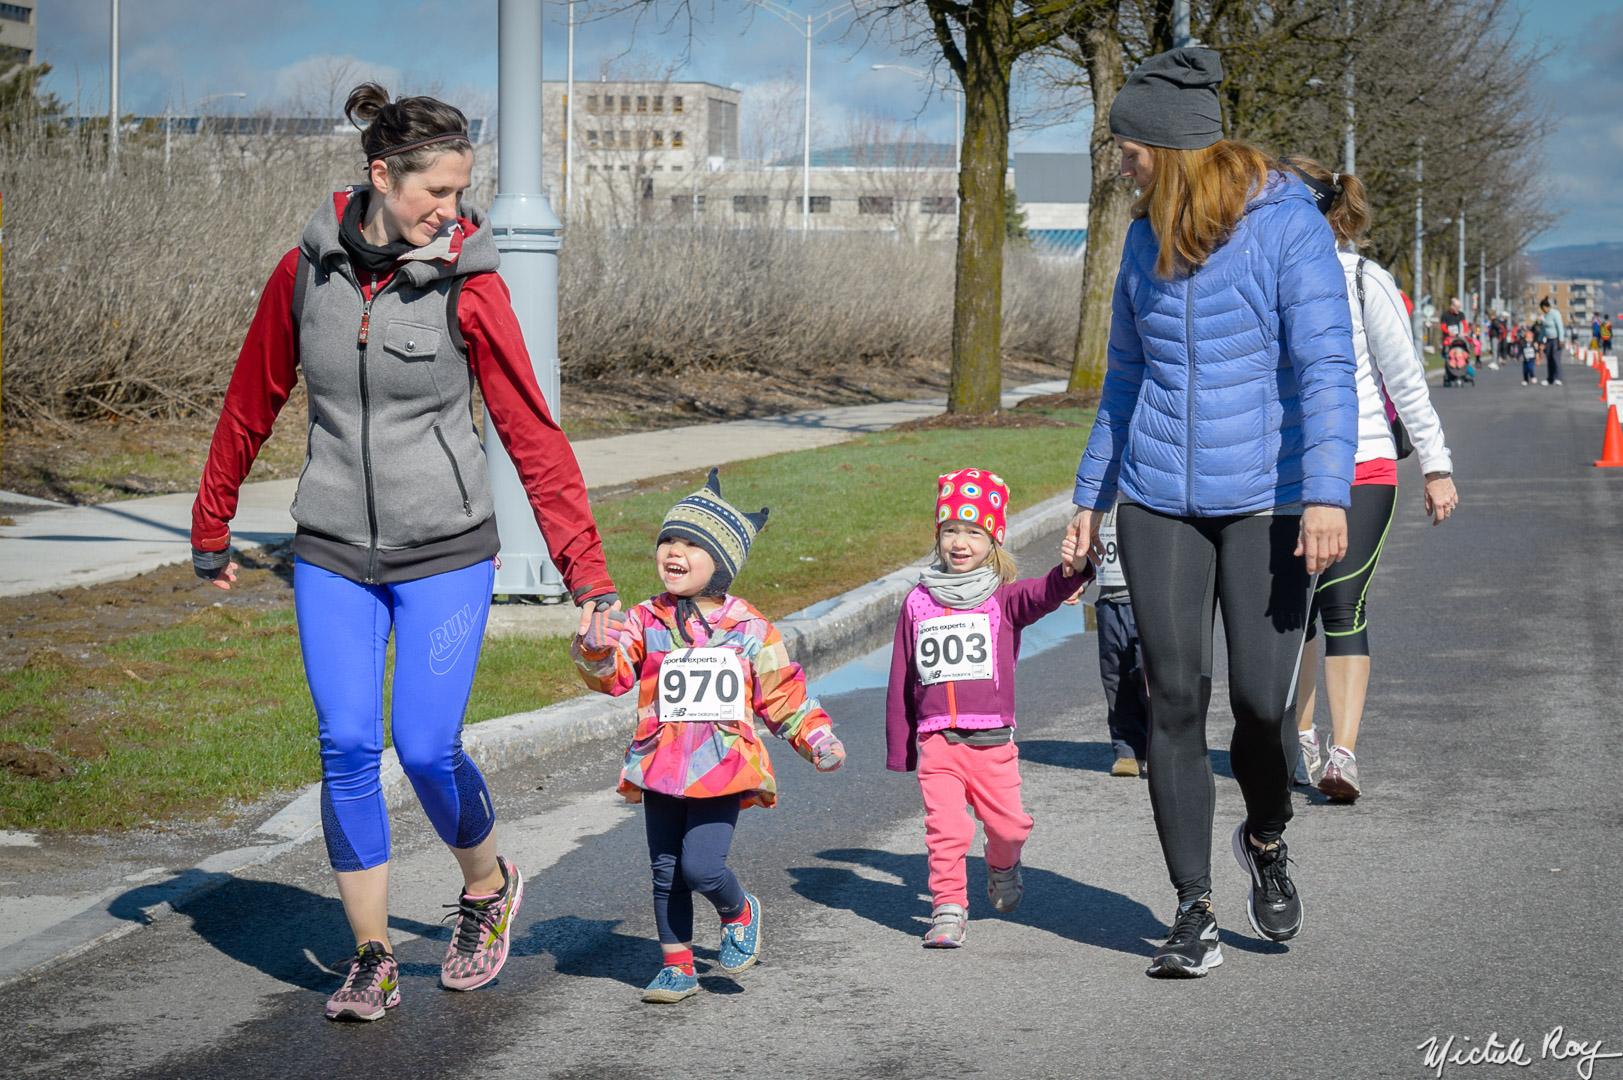 1 km entre filles / 1 km between girls